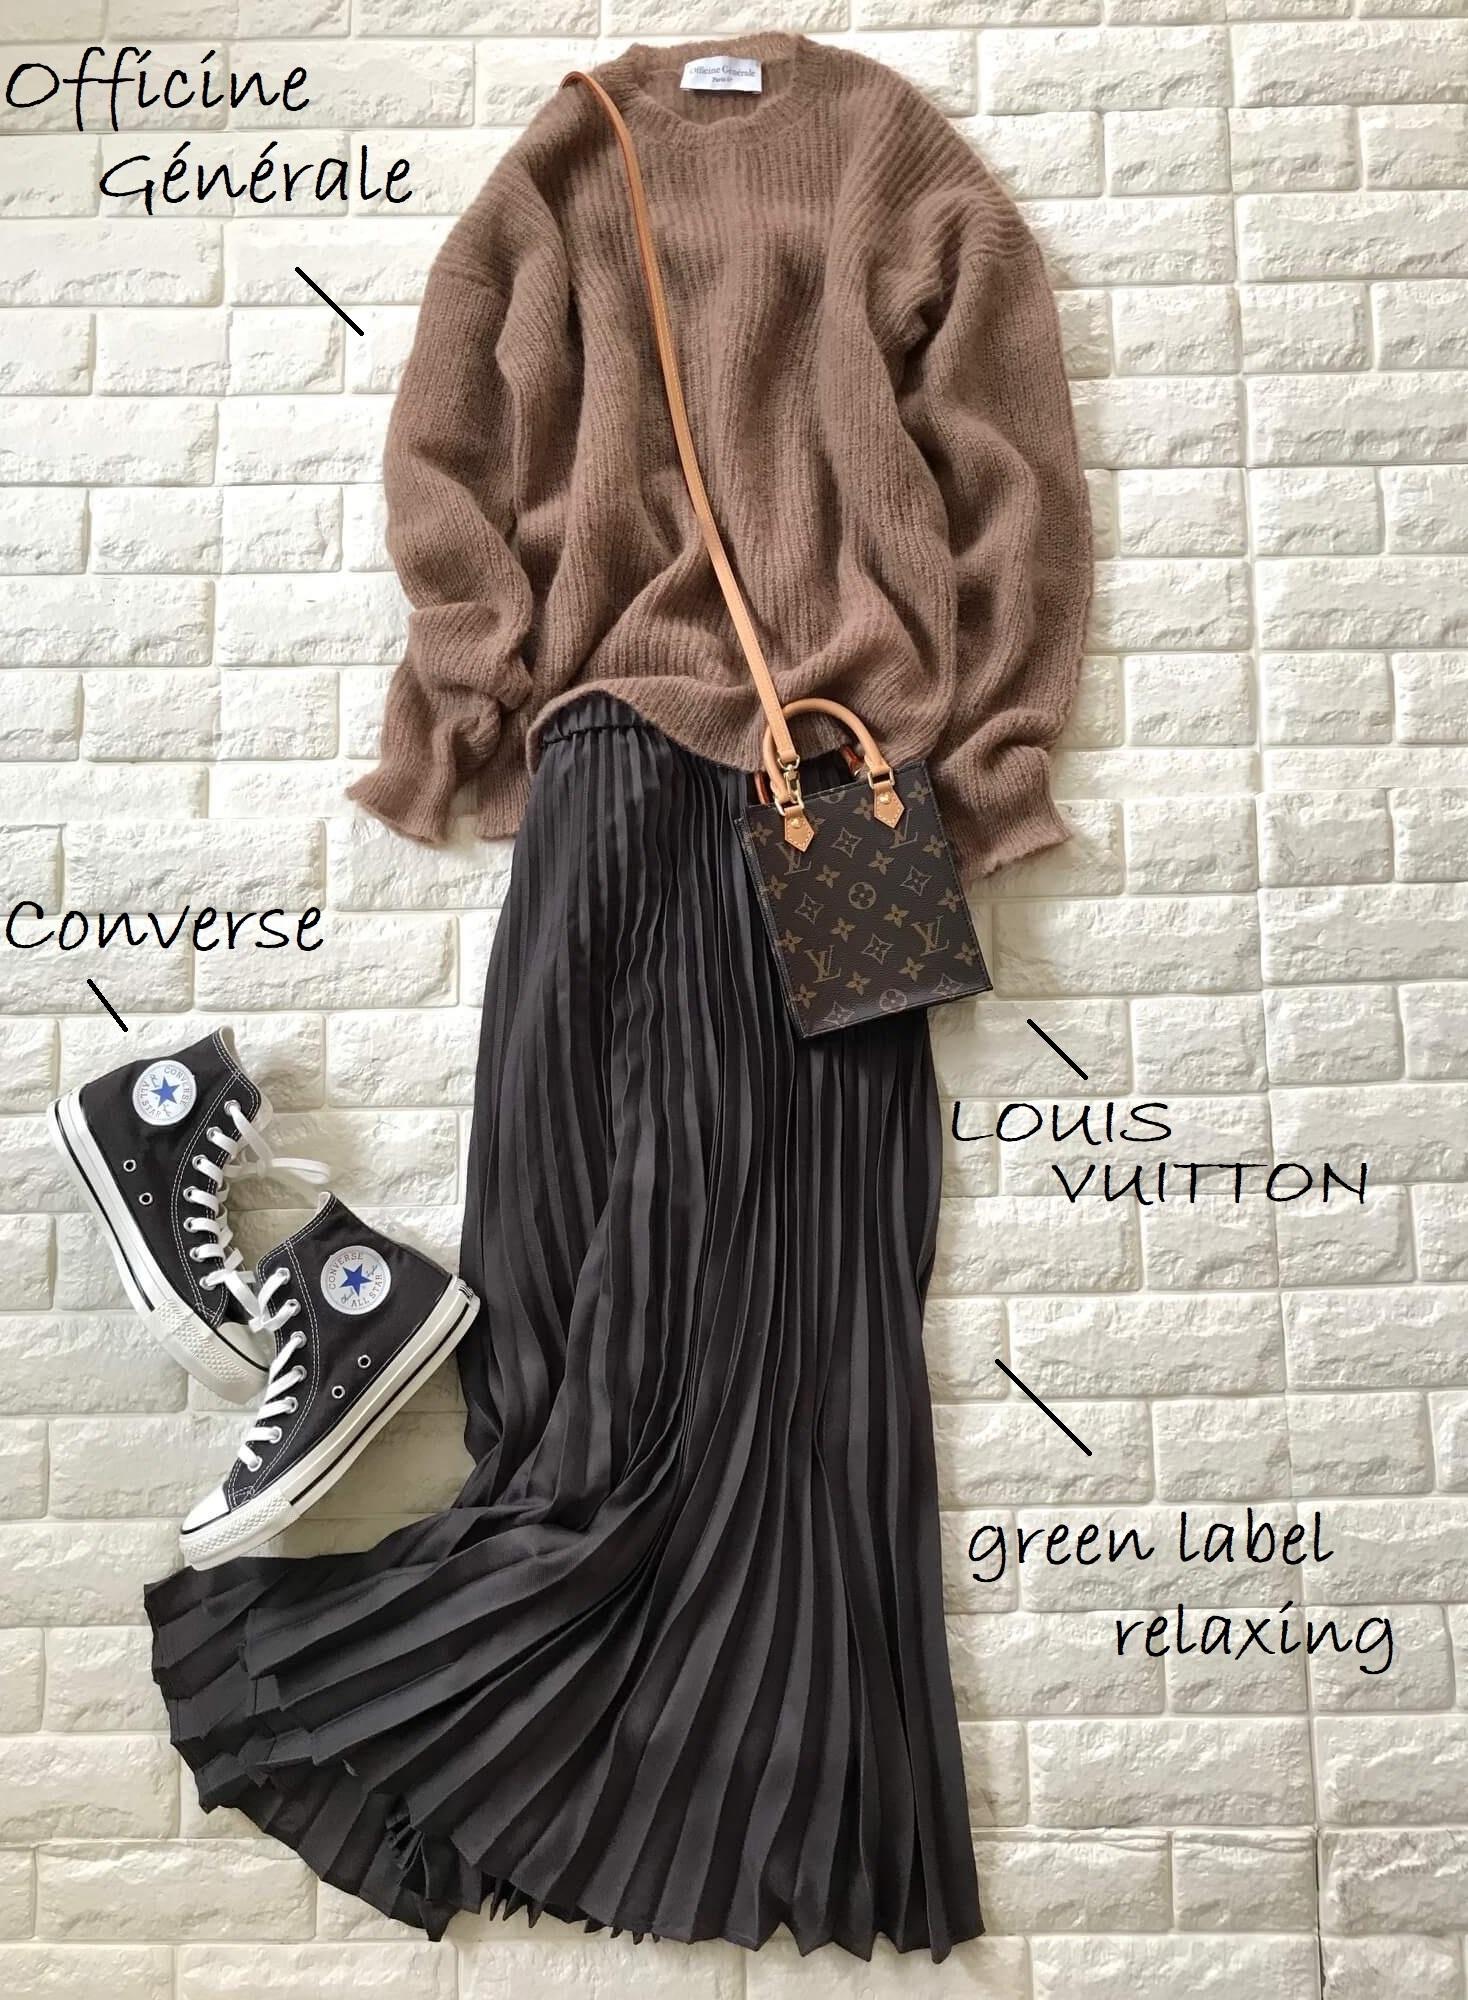 ブラウンニット×プリーツスカートのワントーンコーデ